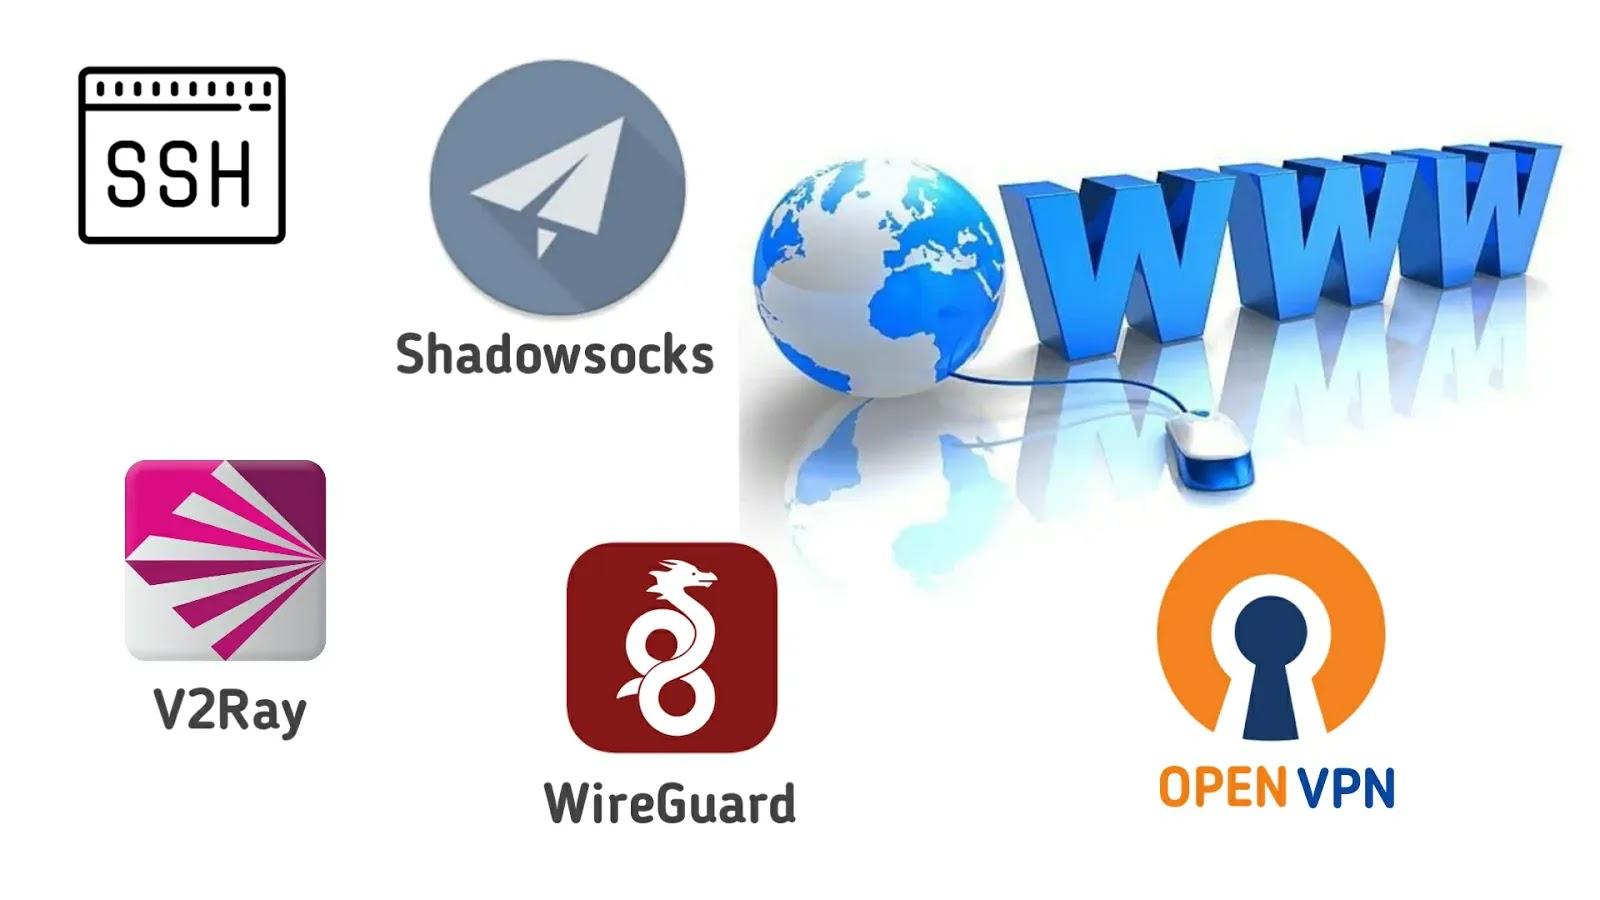 5 Situs Penyedia Akun SSH, OpenVPN, Shadowsocks, WireGuard, dan V2Ray Secara Gratis